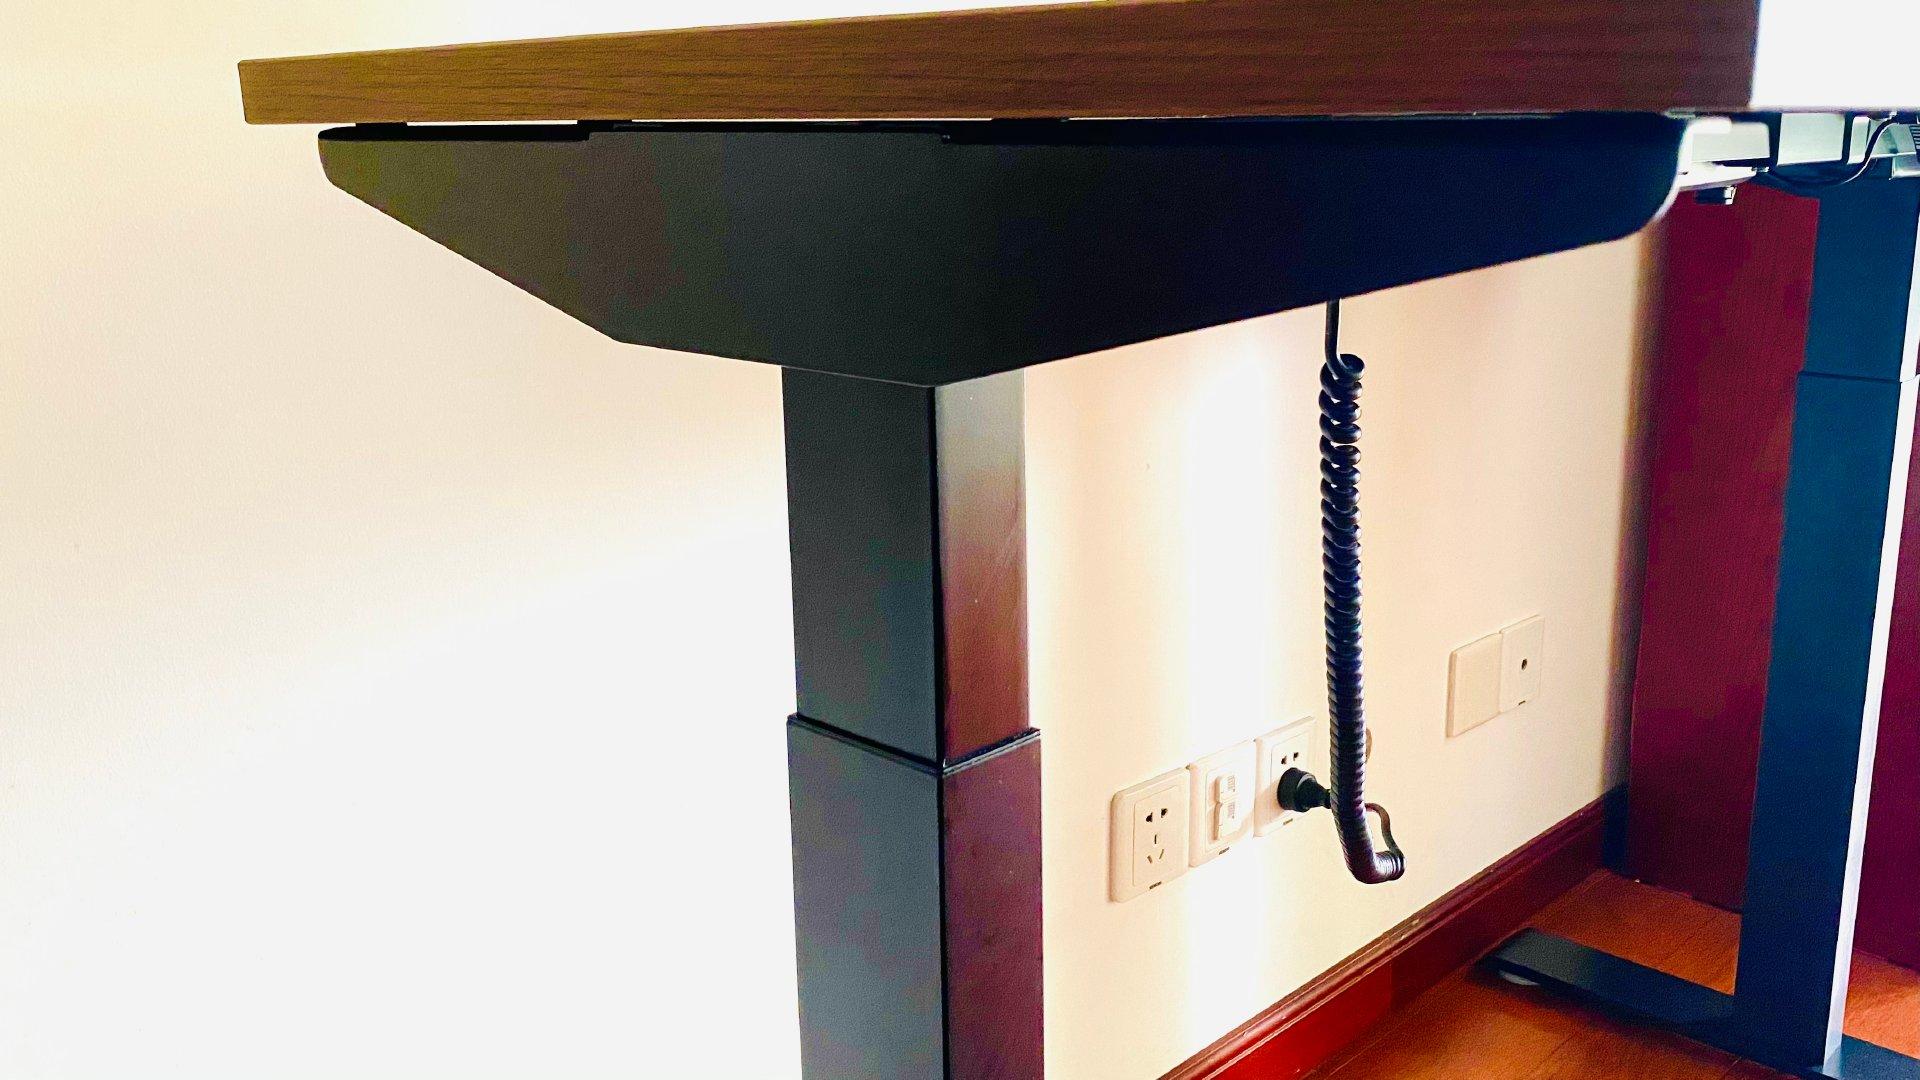 坐站交替,健康办公。— 网易严选电动升降桌体验分享